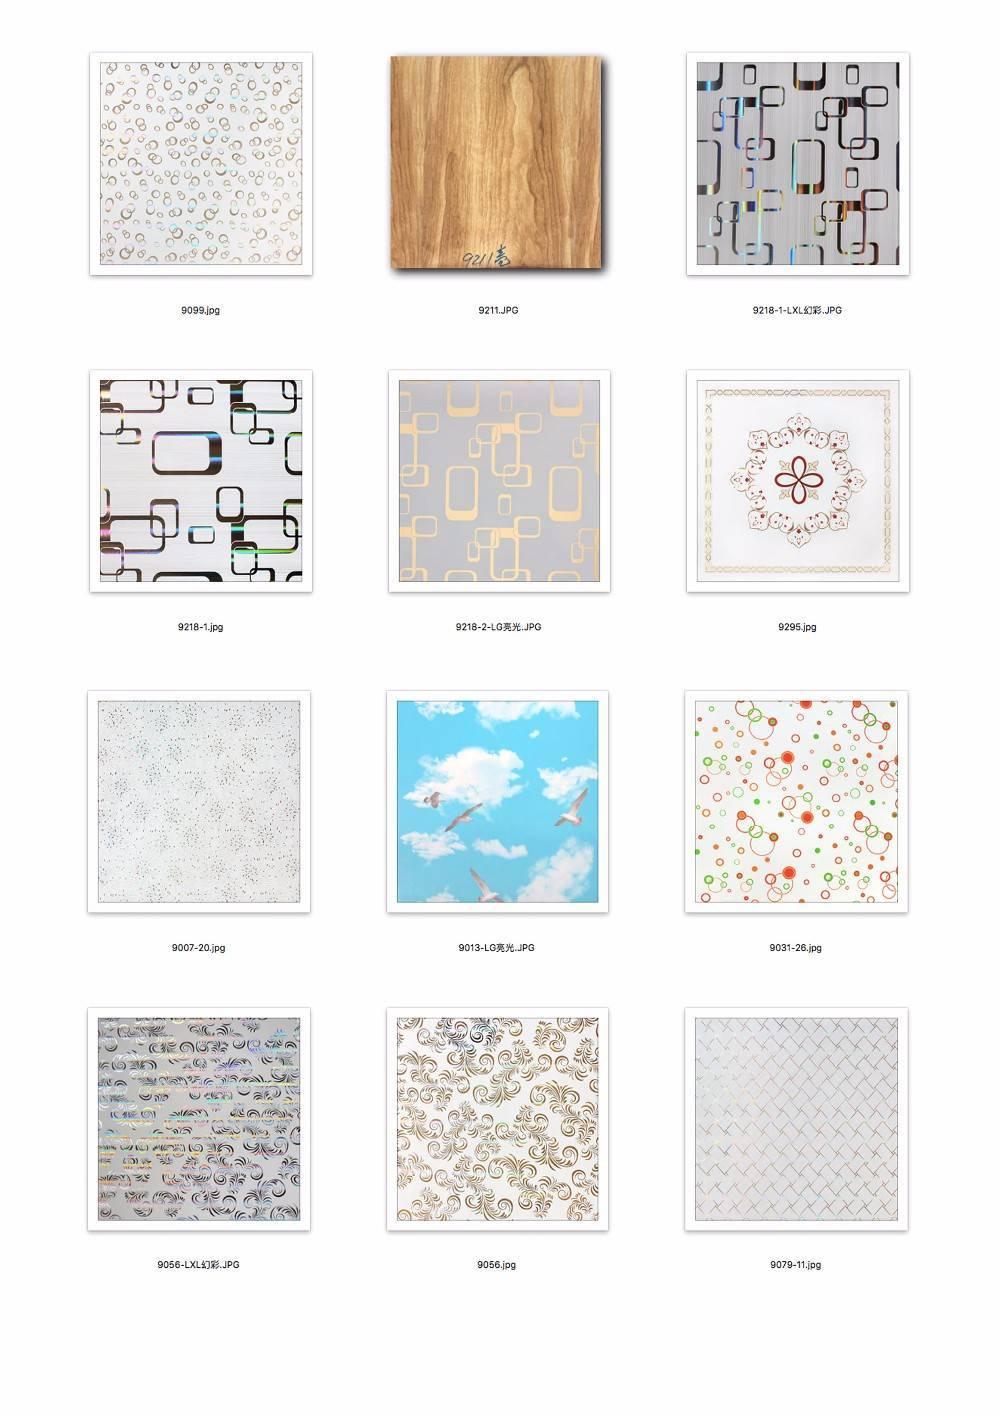 Панели пвх для потолка: размеры и другие характеристики, видео-инструкция по монтажу и фото